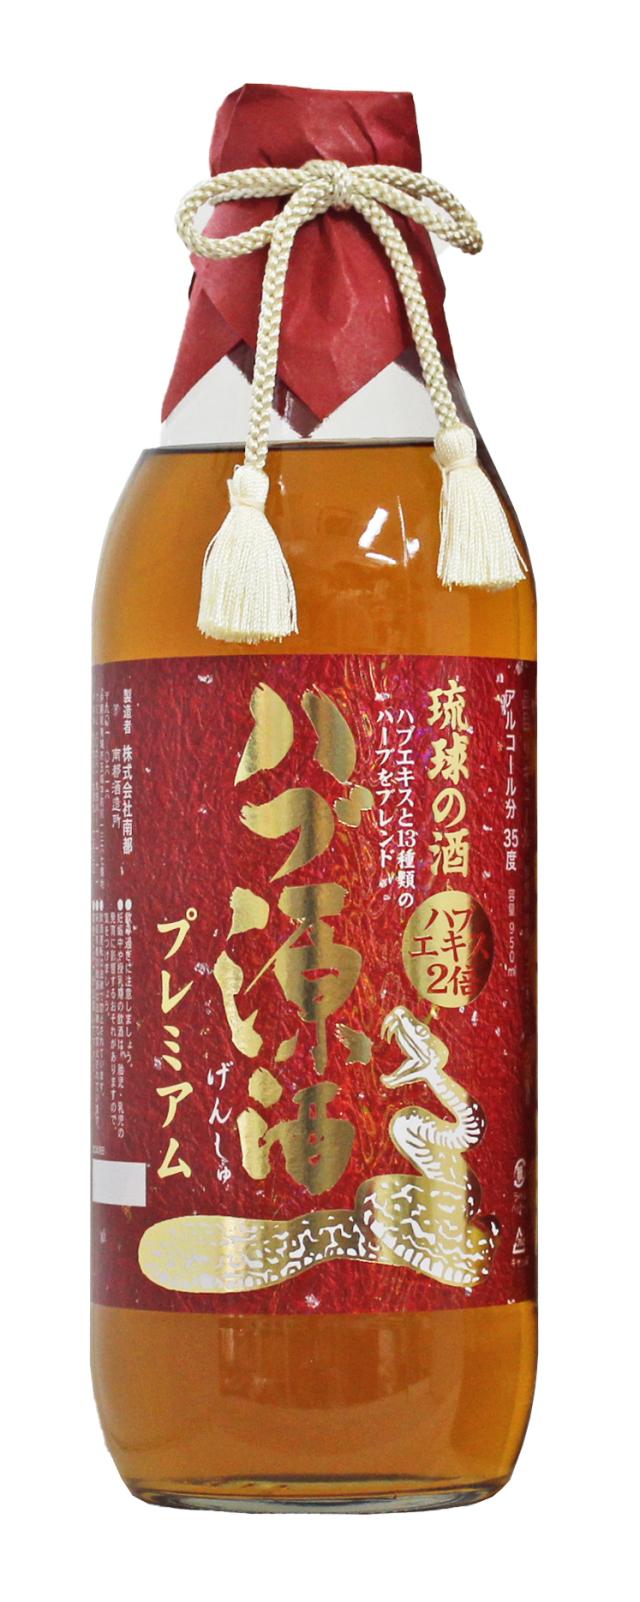 琉球の酒 ハブ源酒 プレミアム 35度 950ml